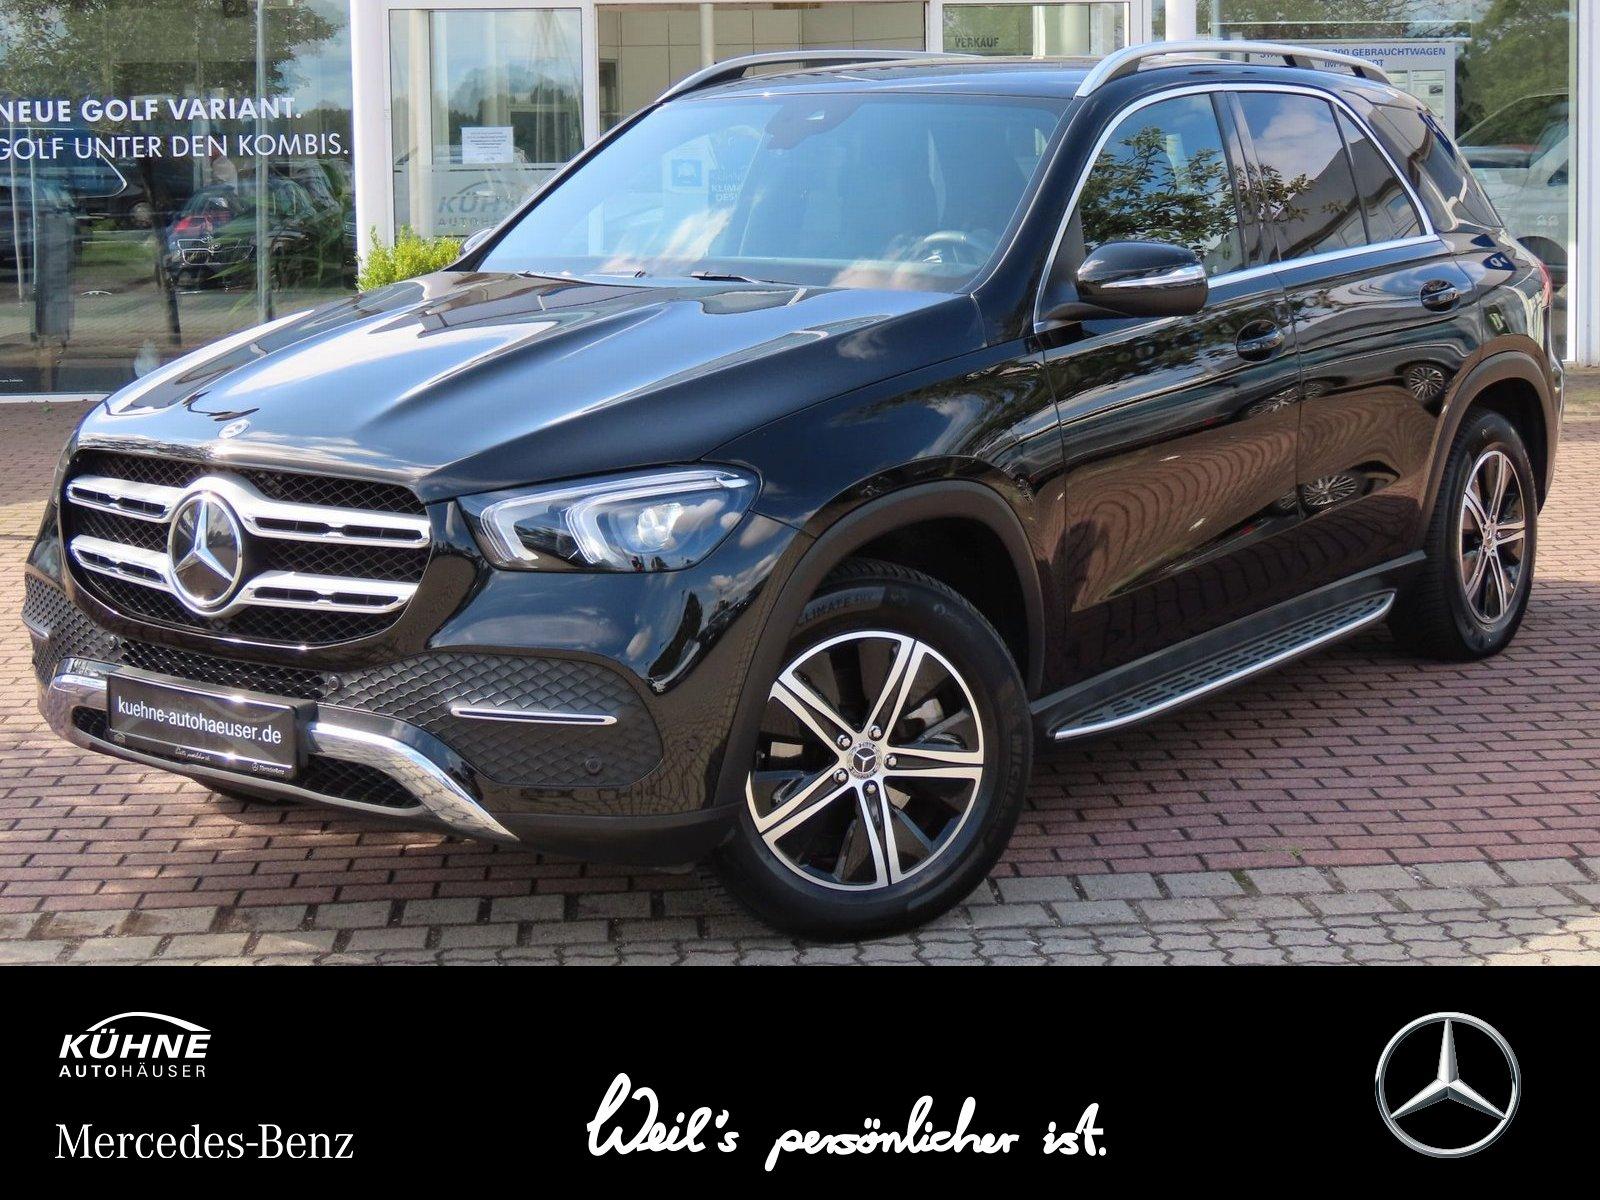 Mercedes-Benz GLE 300 d 4M AMG Int+AHZV+Kamera+18'+Trittbrette, Jahr 2020, Diesel